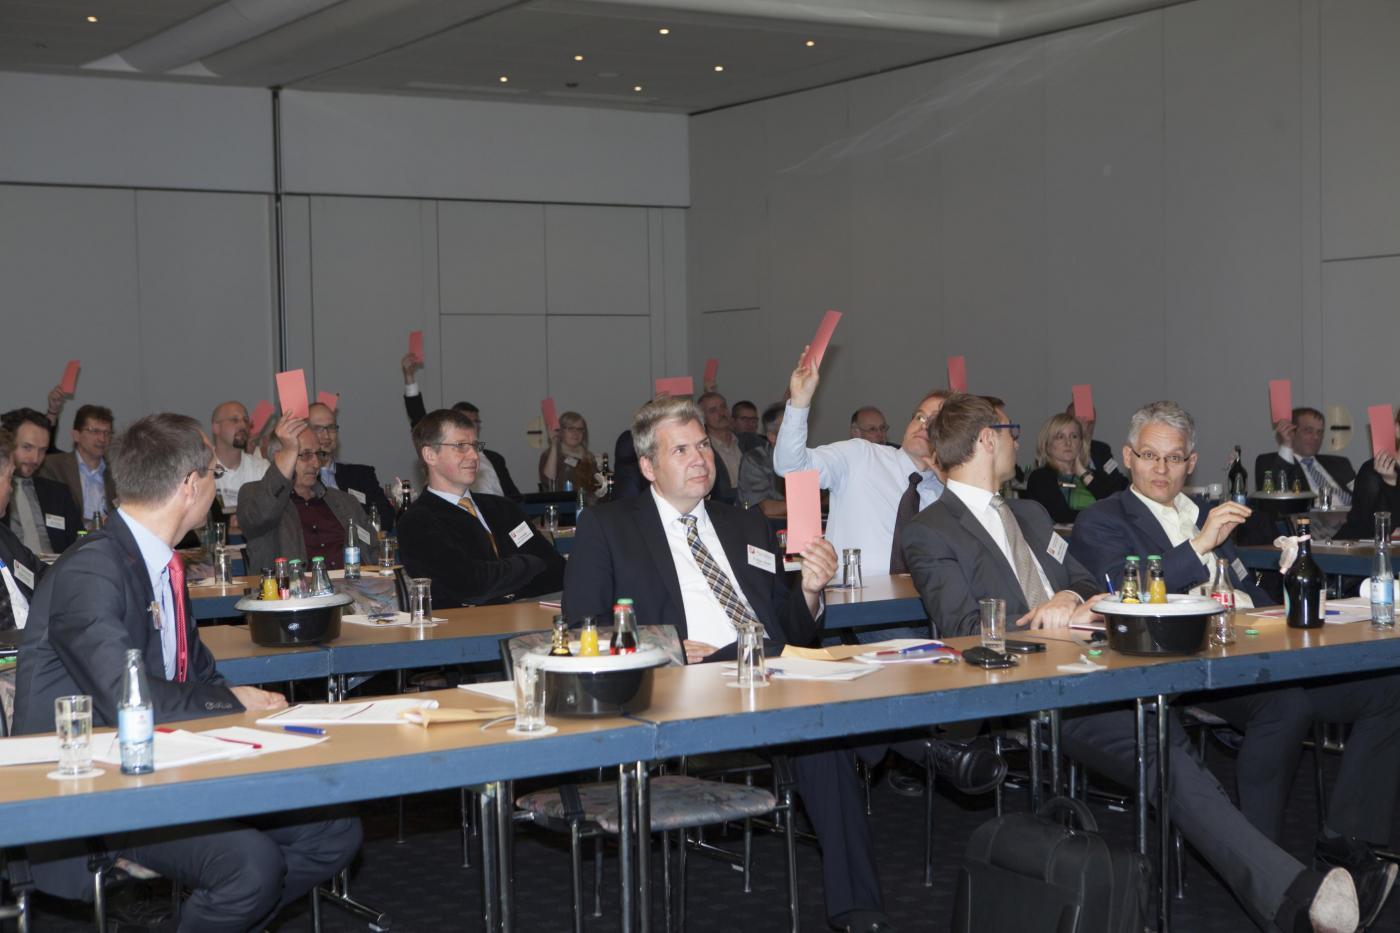 2015-04-23 Mitgliederversammlung Bild 13